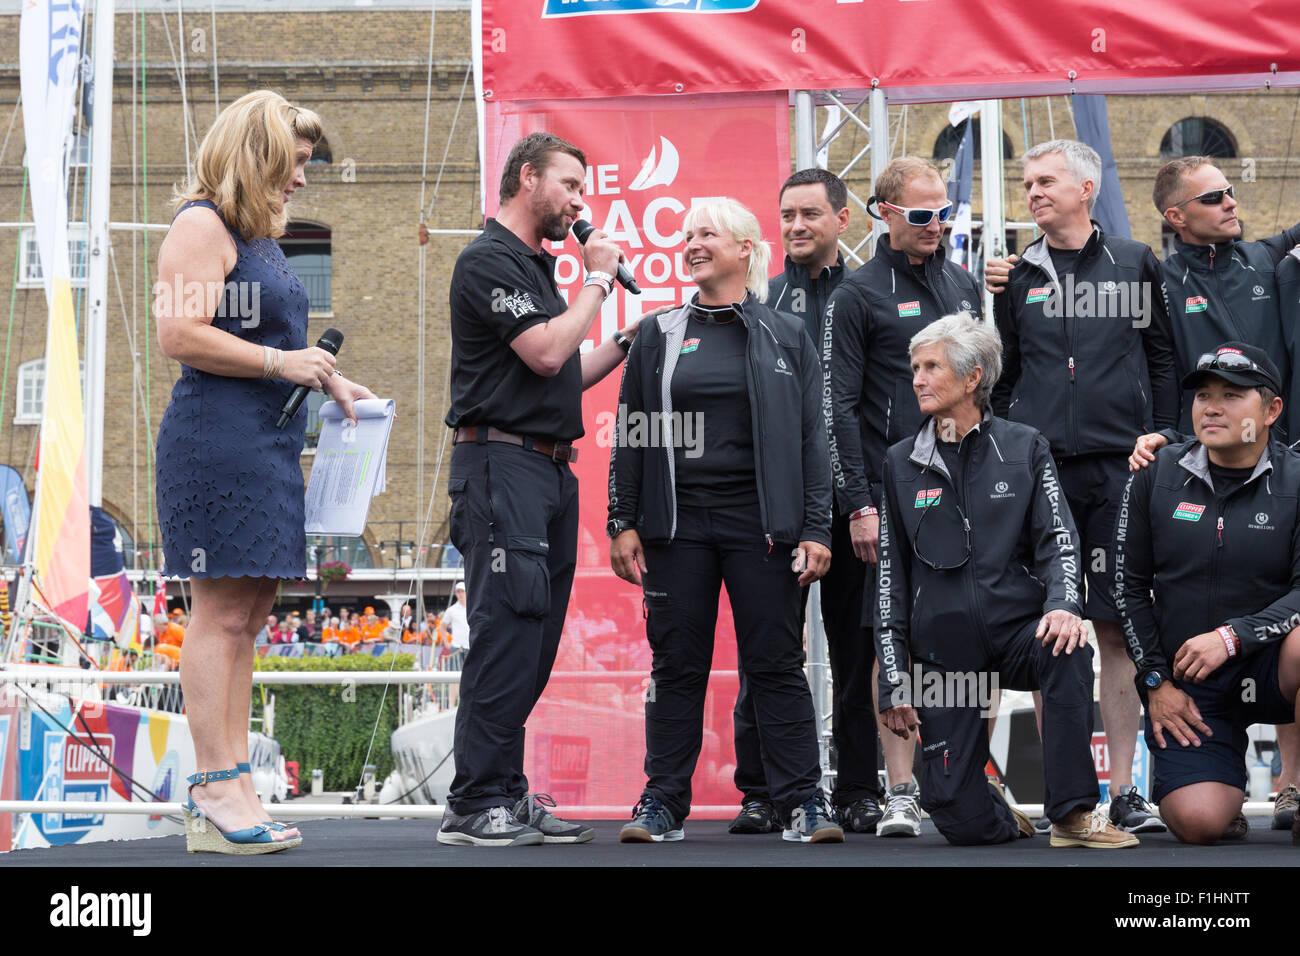 Clipper team Telemed+ posing for team photographs in St Katharine Docks - Stock Image